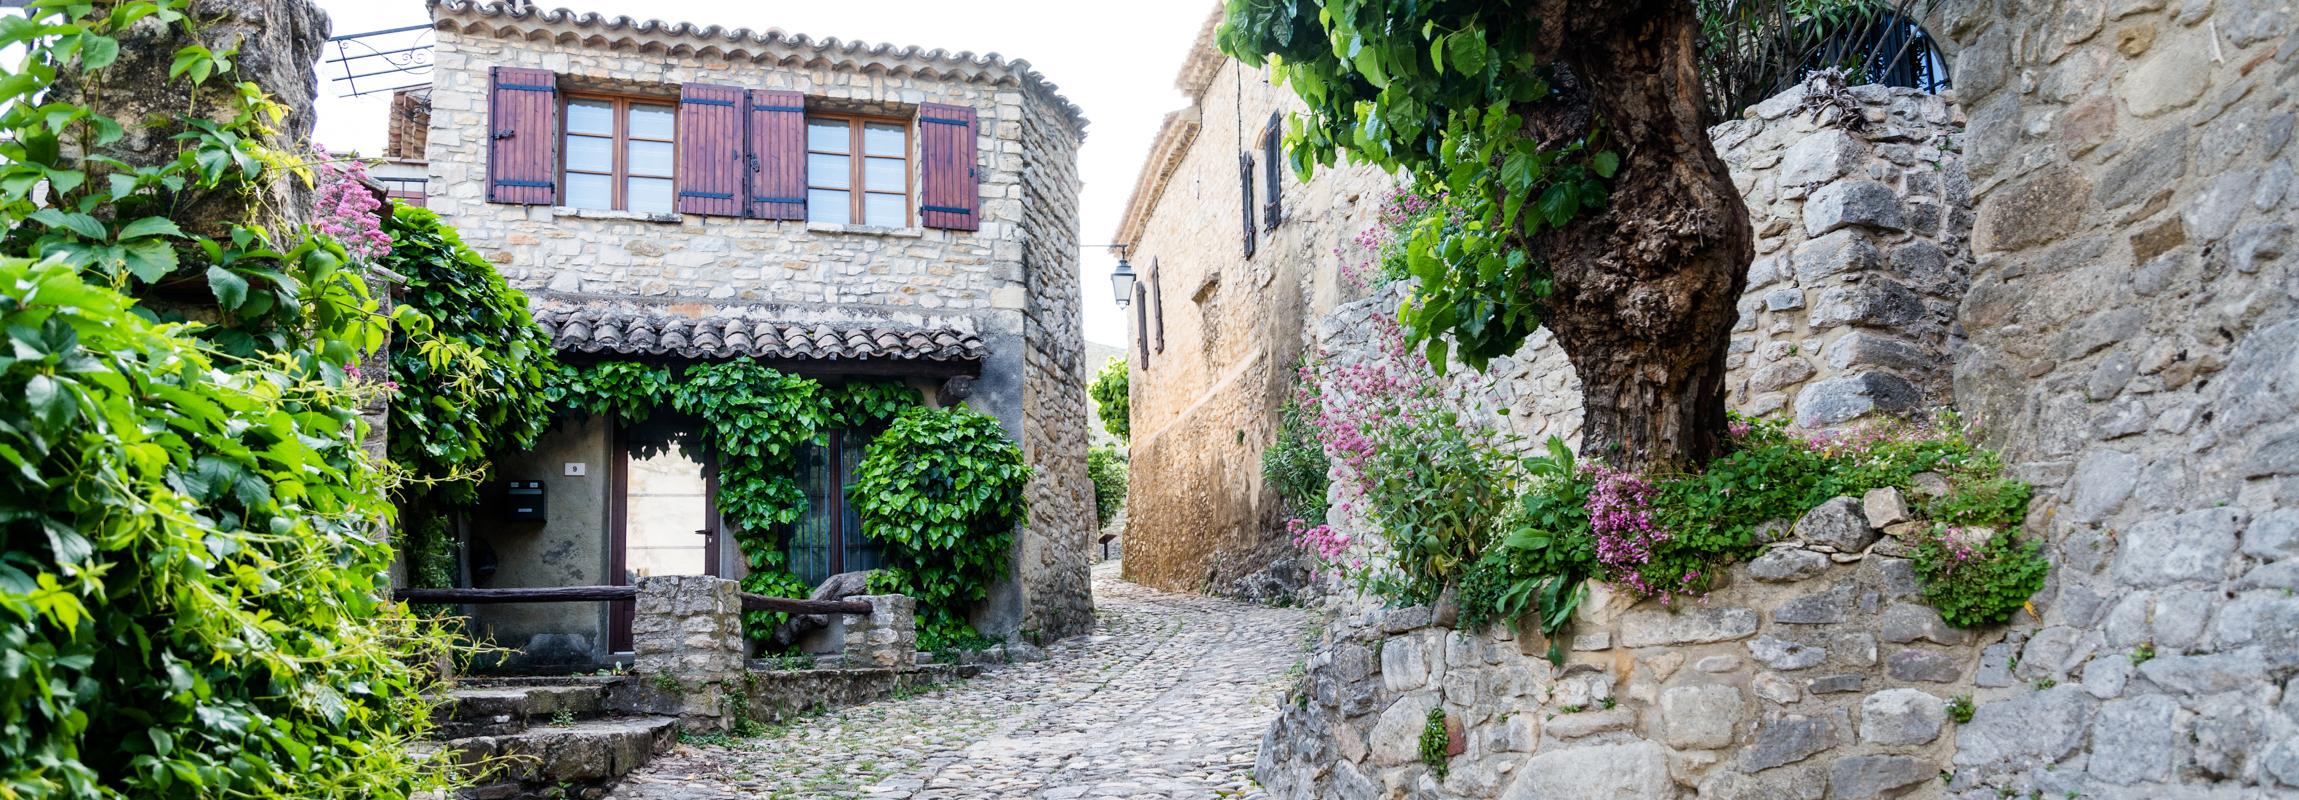 L'Hôtel Château de Montcaud est situé à l'entrée de la Vallée de la Cèze, en bordure de la Provence, dans le sud de la France, célèbre pour ses beaux villages.